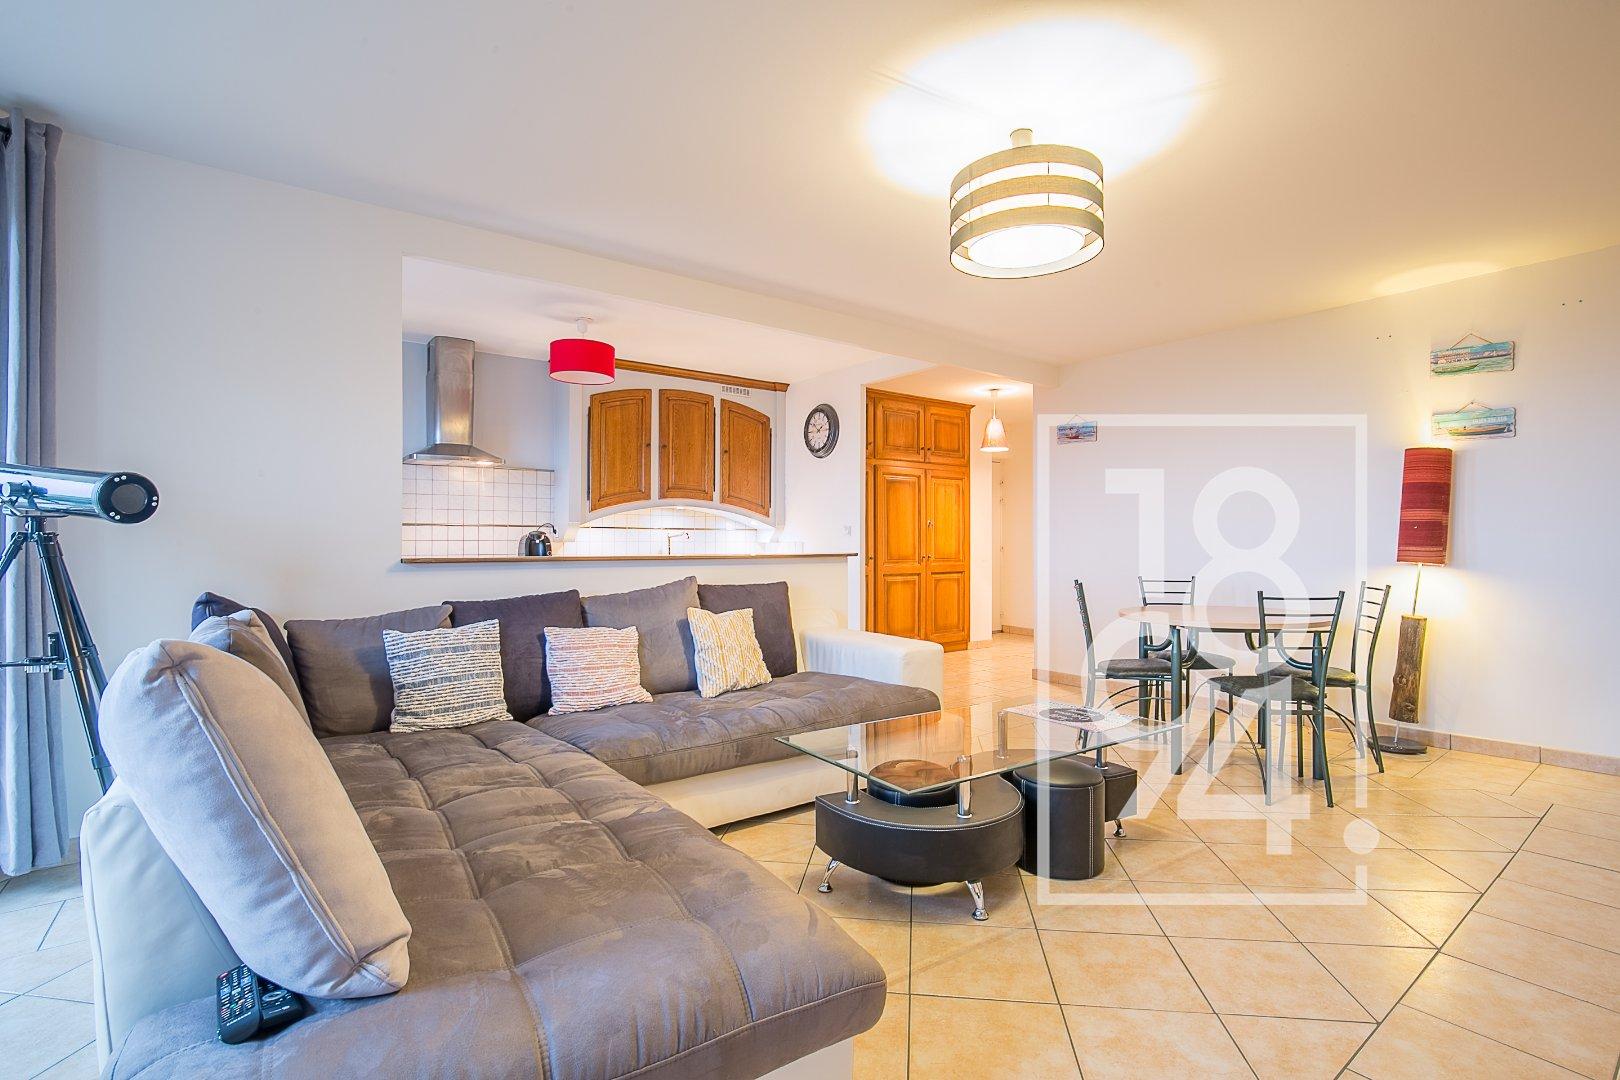 Appartement traversant de type T3 d'environ 68m2 avec terrasse à Istres